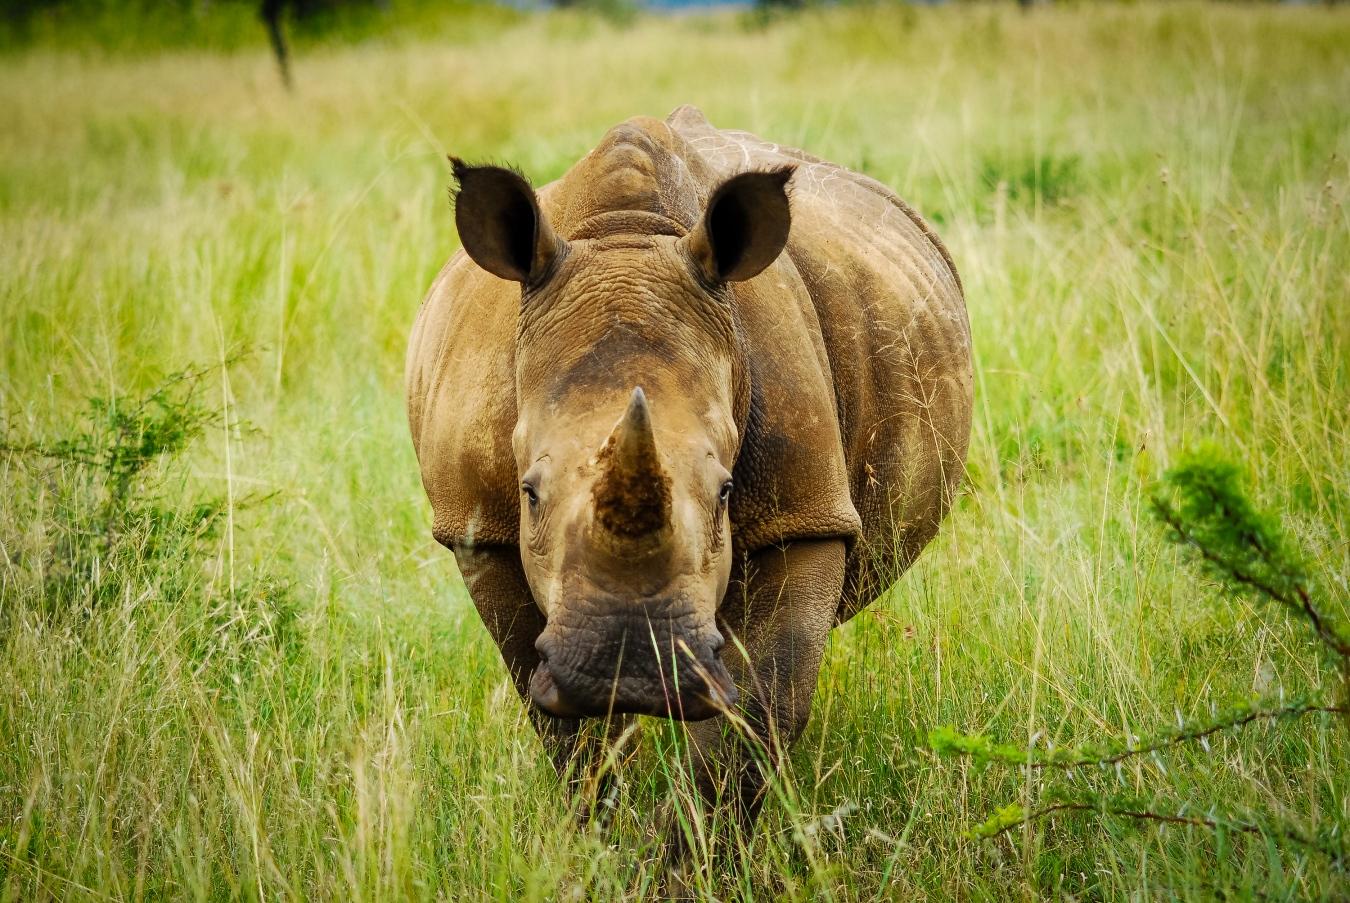 Los señores de la tierra - Wildlife Conservation Photography, UWDREAMS.COM